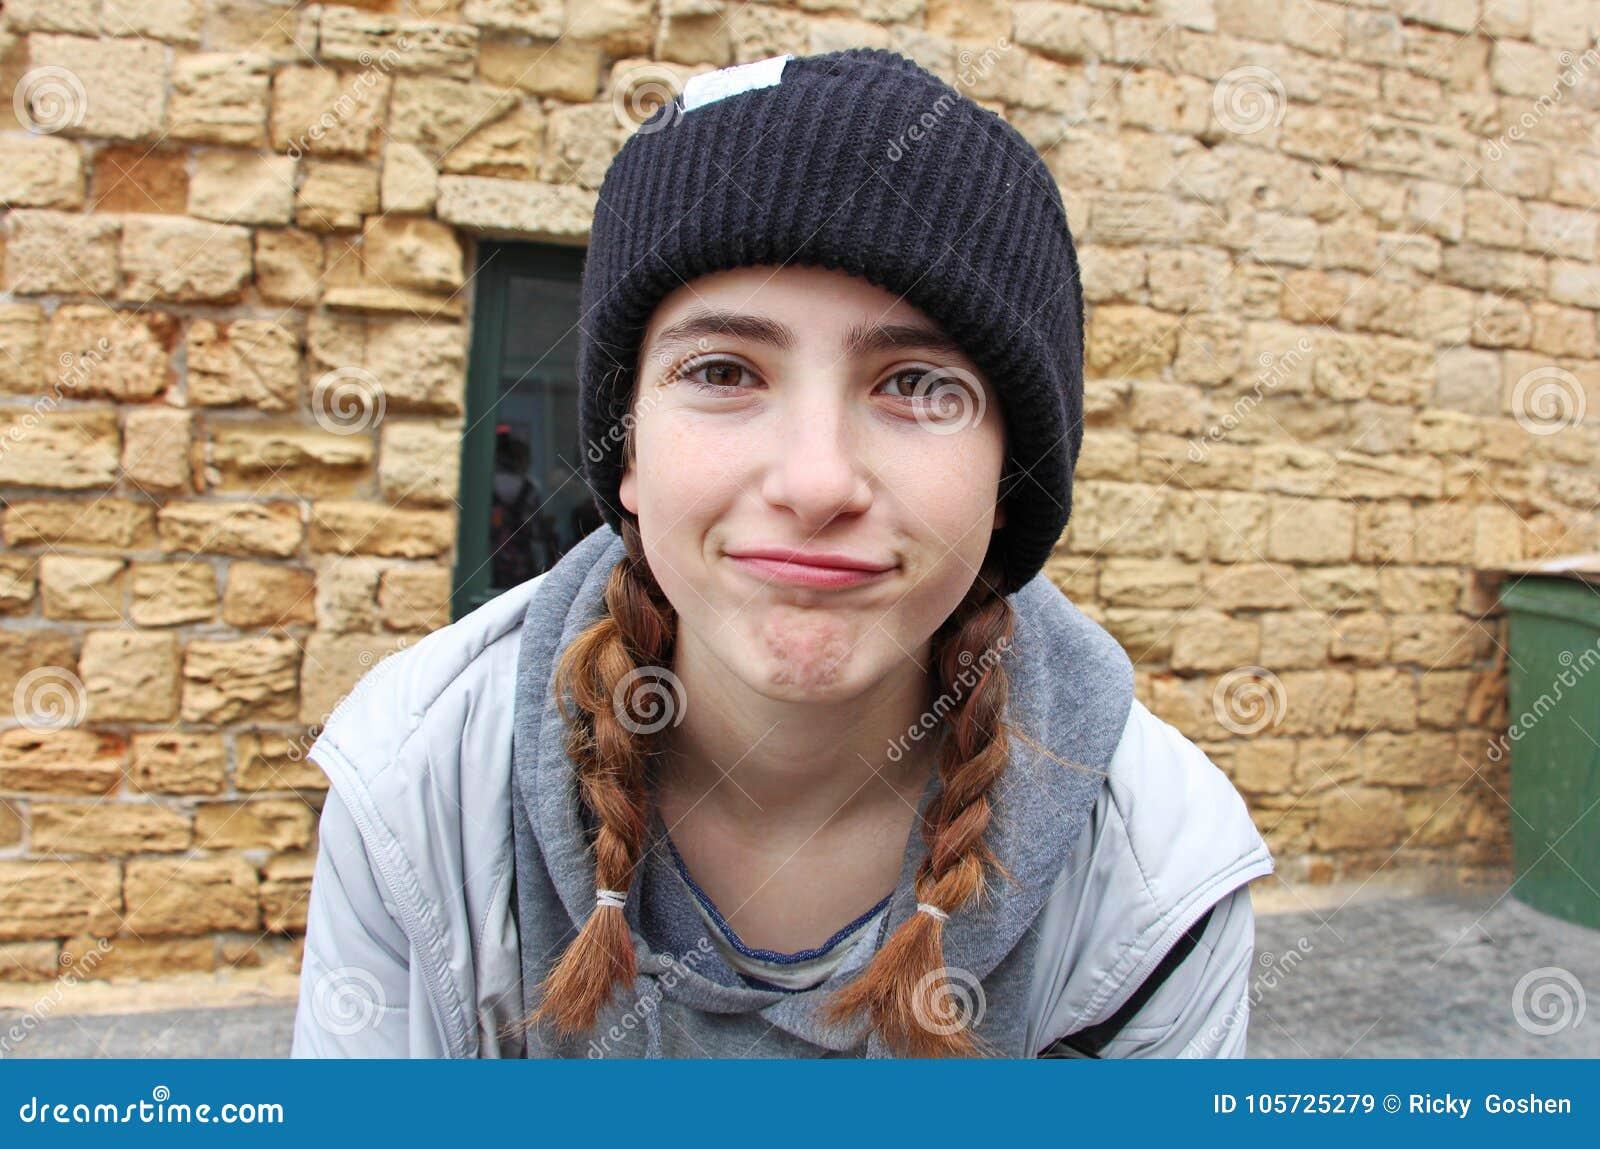 Un adolescente con un sombrero hecho punto